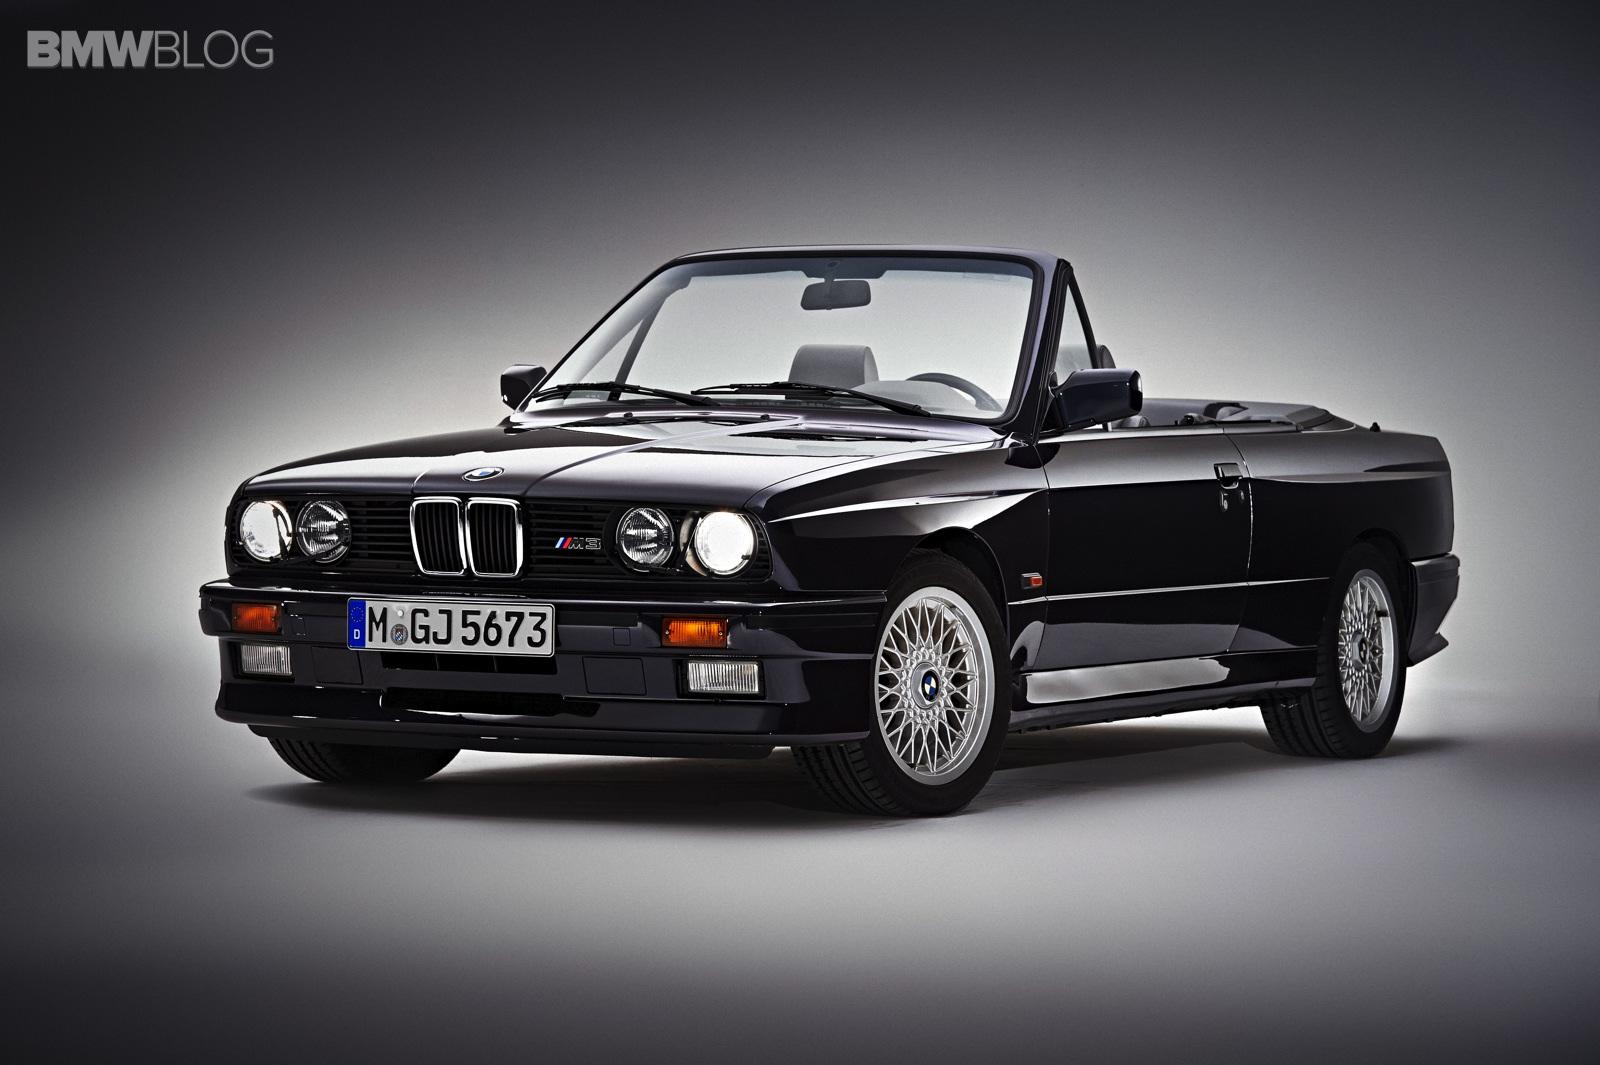 First Automobile Ever Made >> E30, E36, E46, E93, F83 M3/M4 Generations All Together